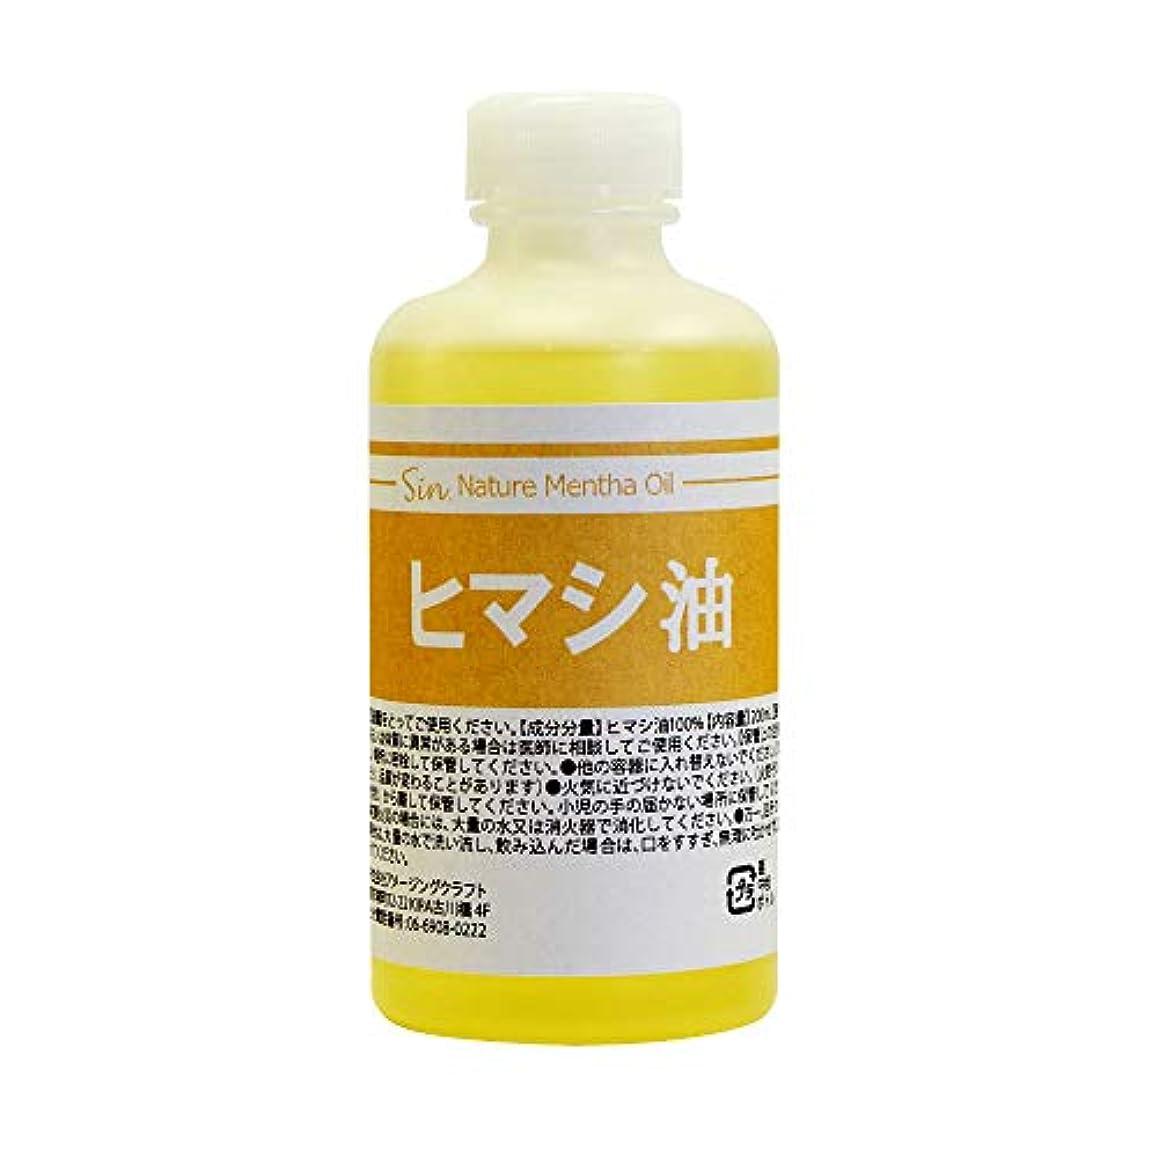 異議混沌有料天然無添加 国内精製ひまし油 (キャスターオイル) 200ml